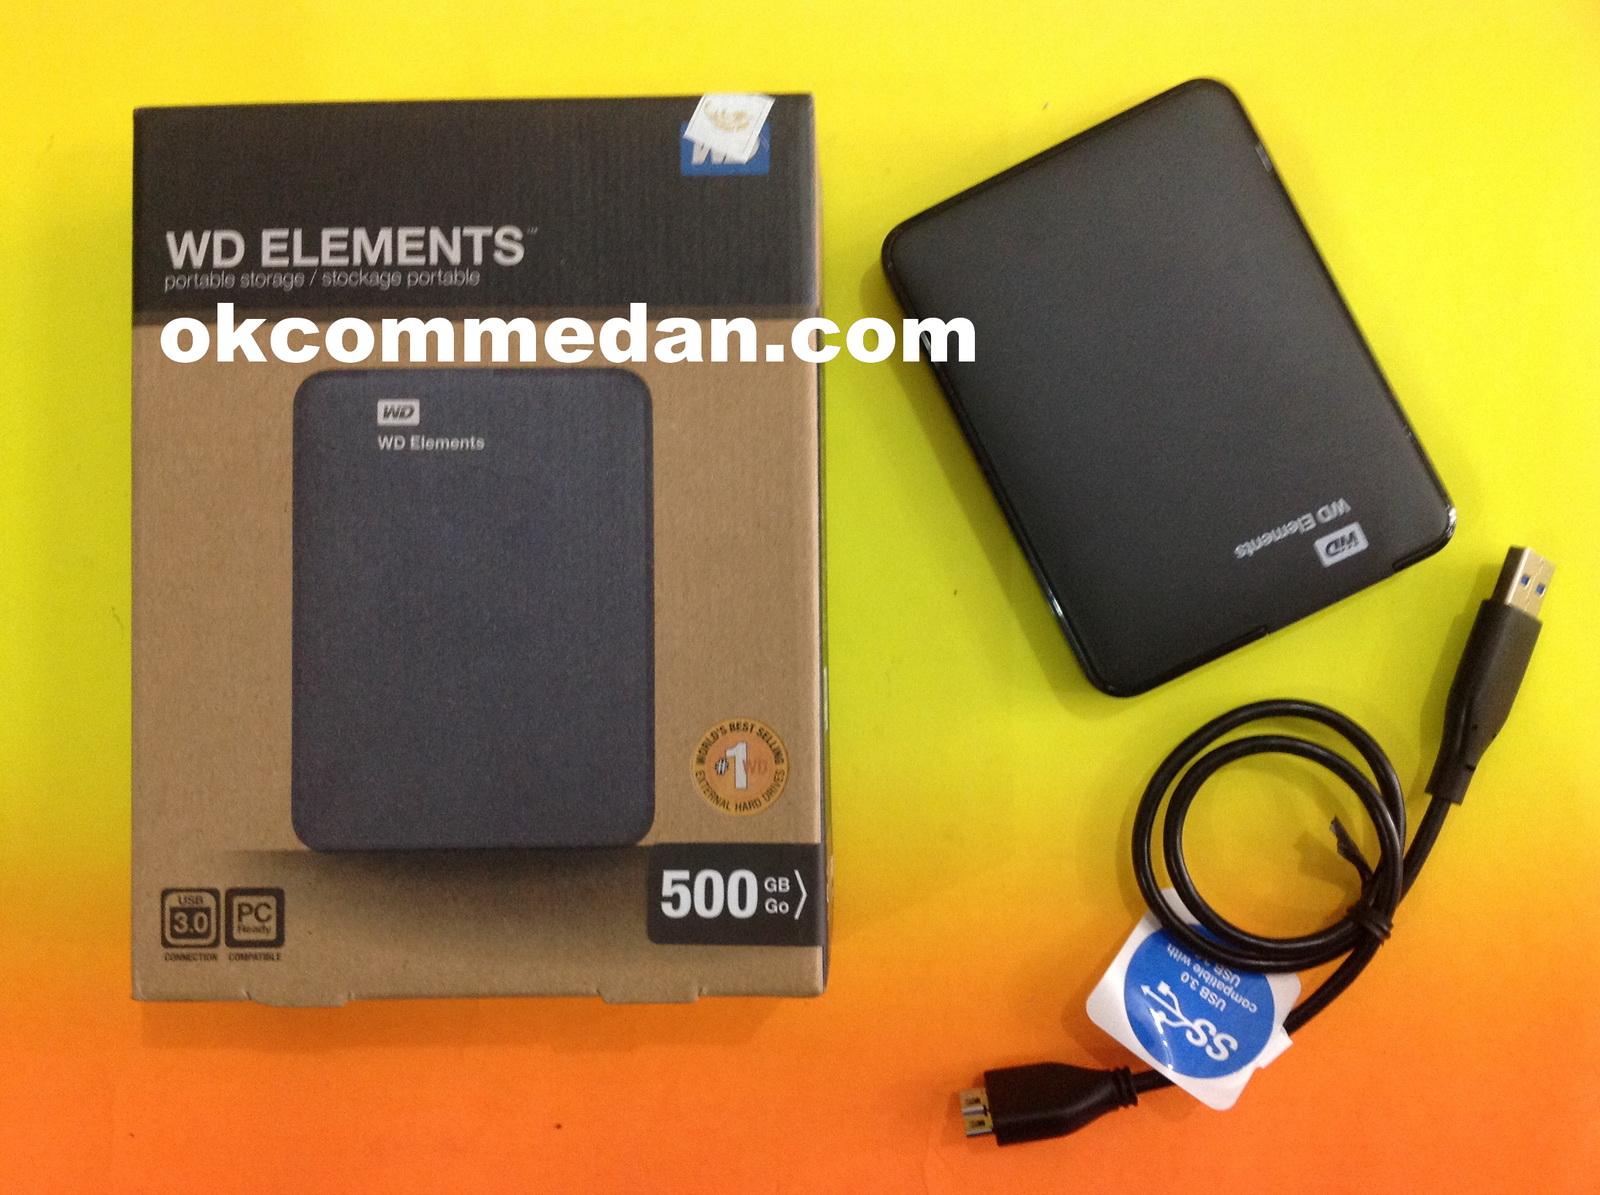 hdd wd elemen 500Gb Ext